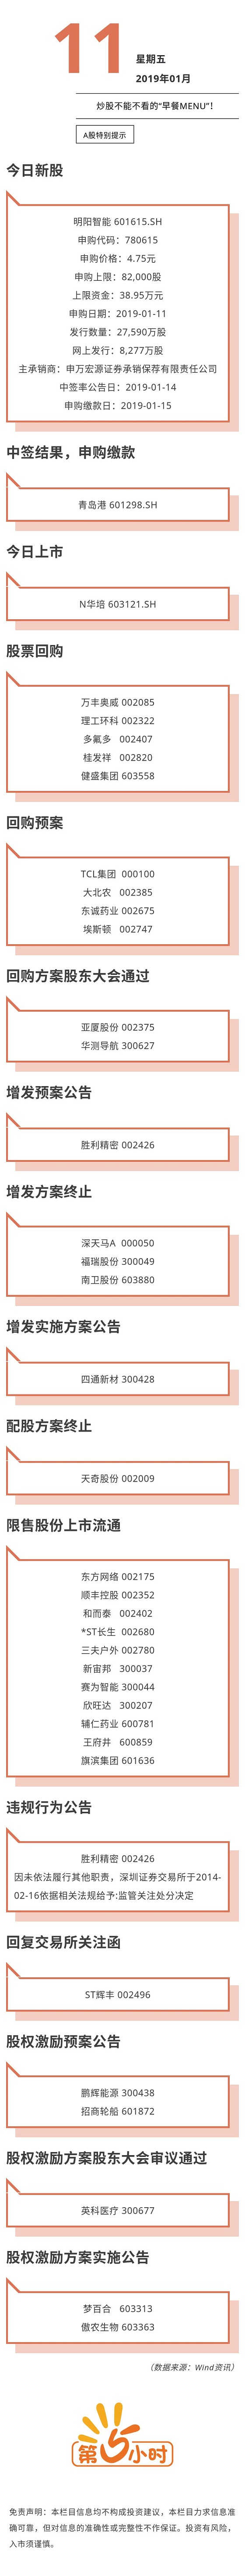 A股特别提示(2019-01-11).jpg